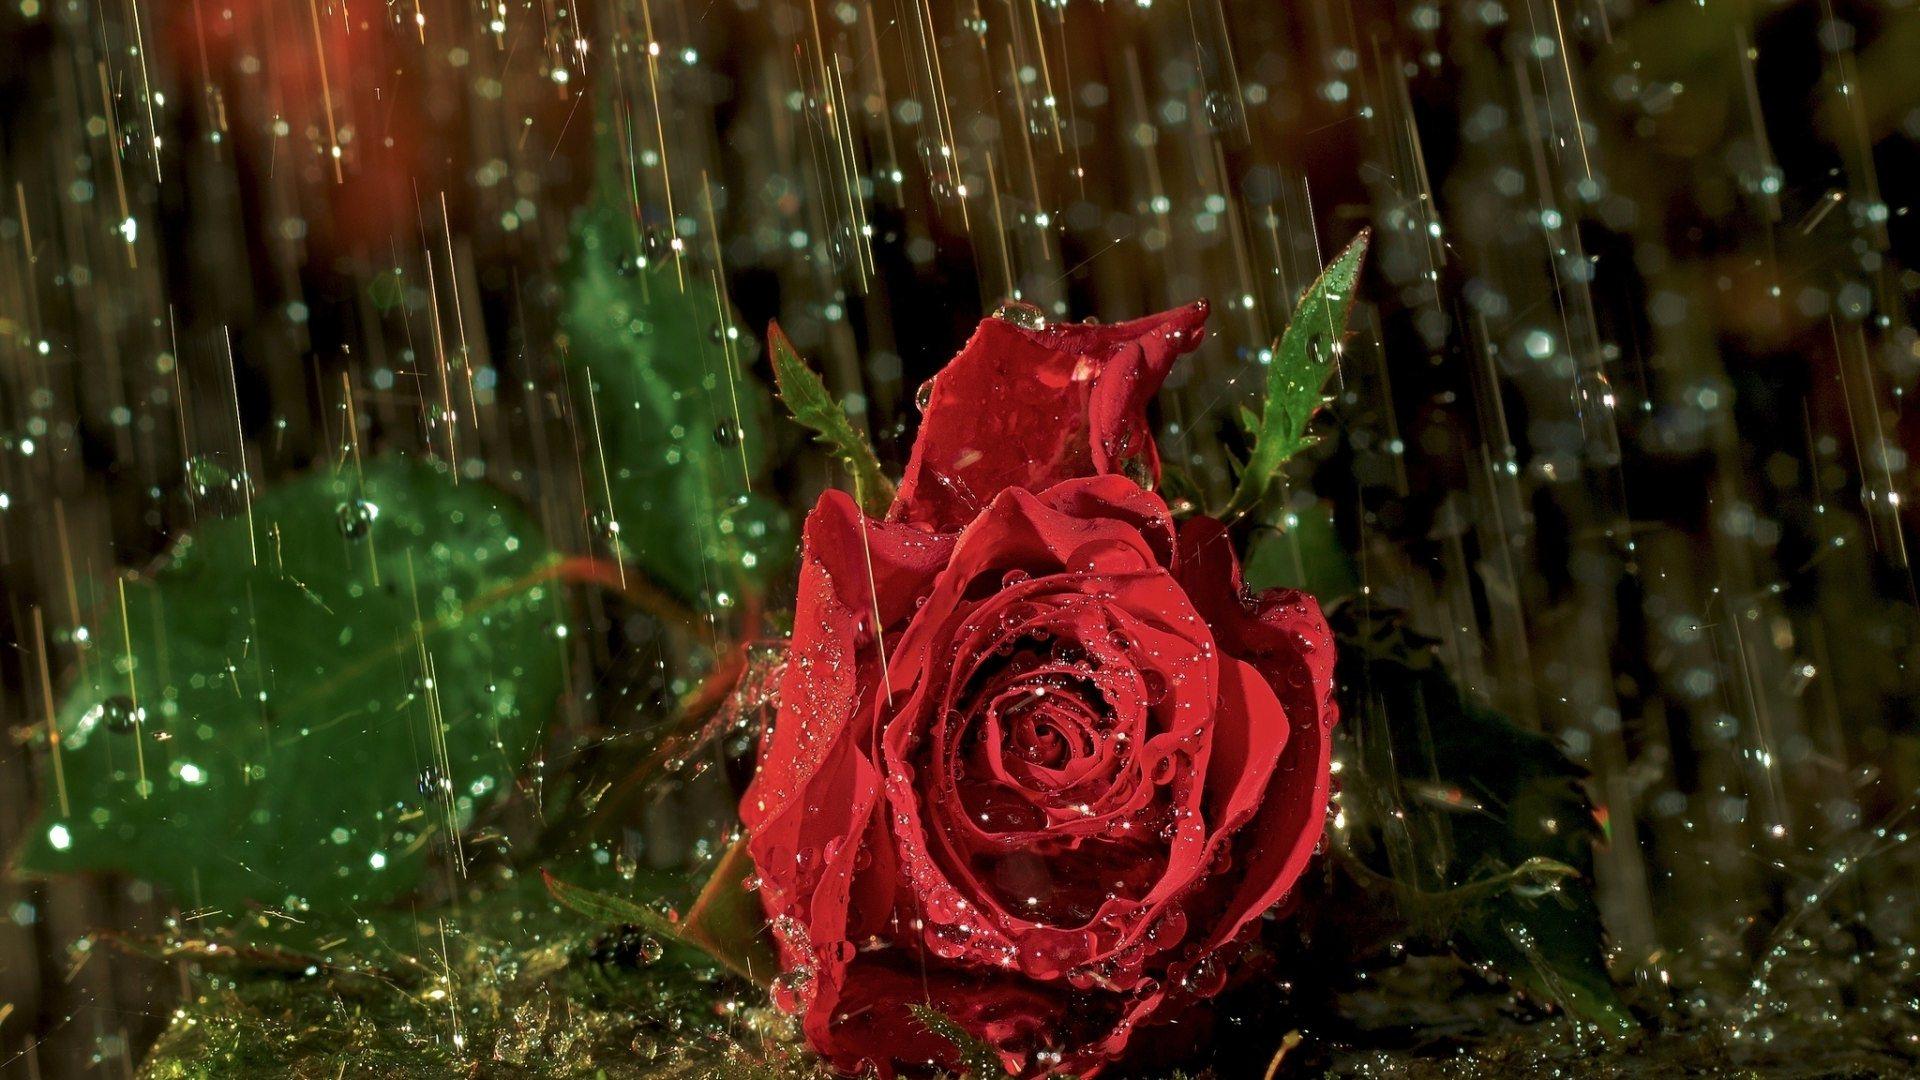 Rose in Rain HD Wallpapers 1920x1080